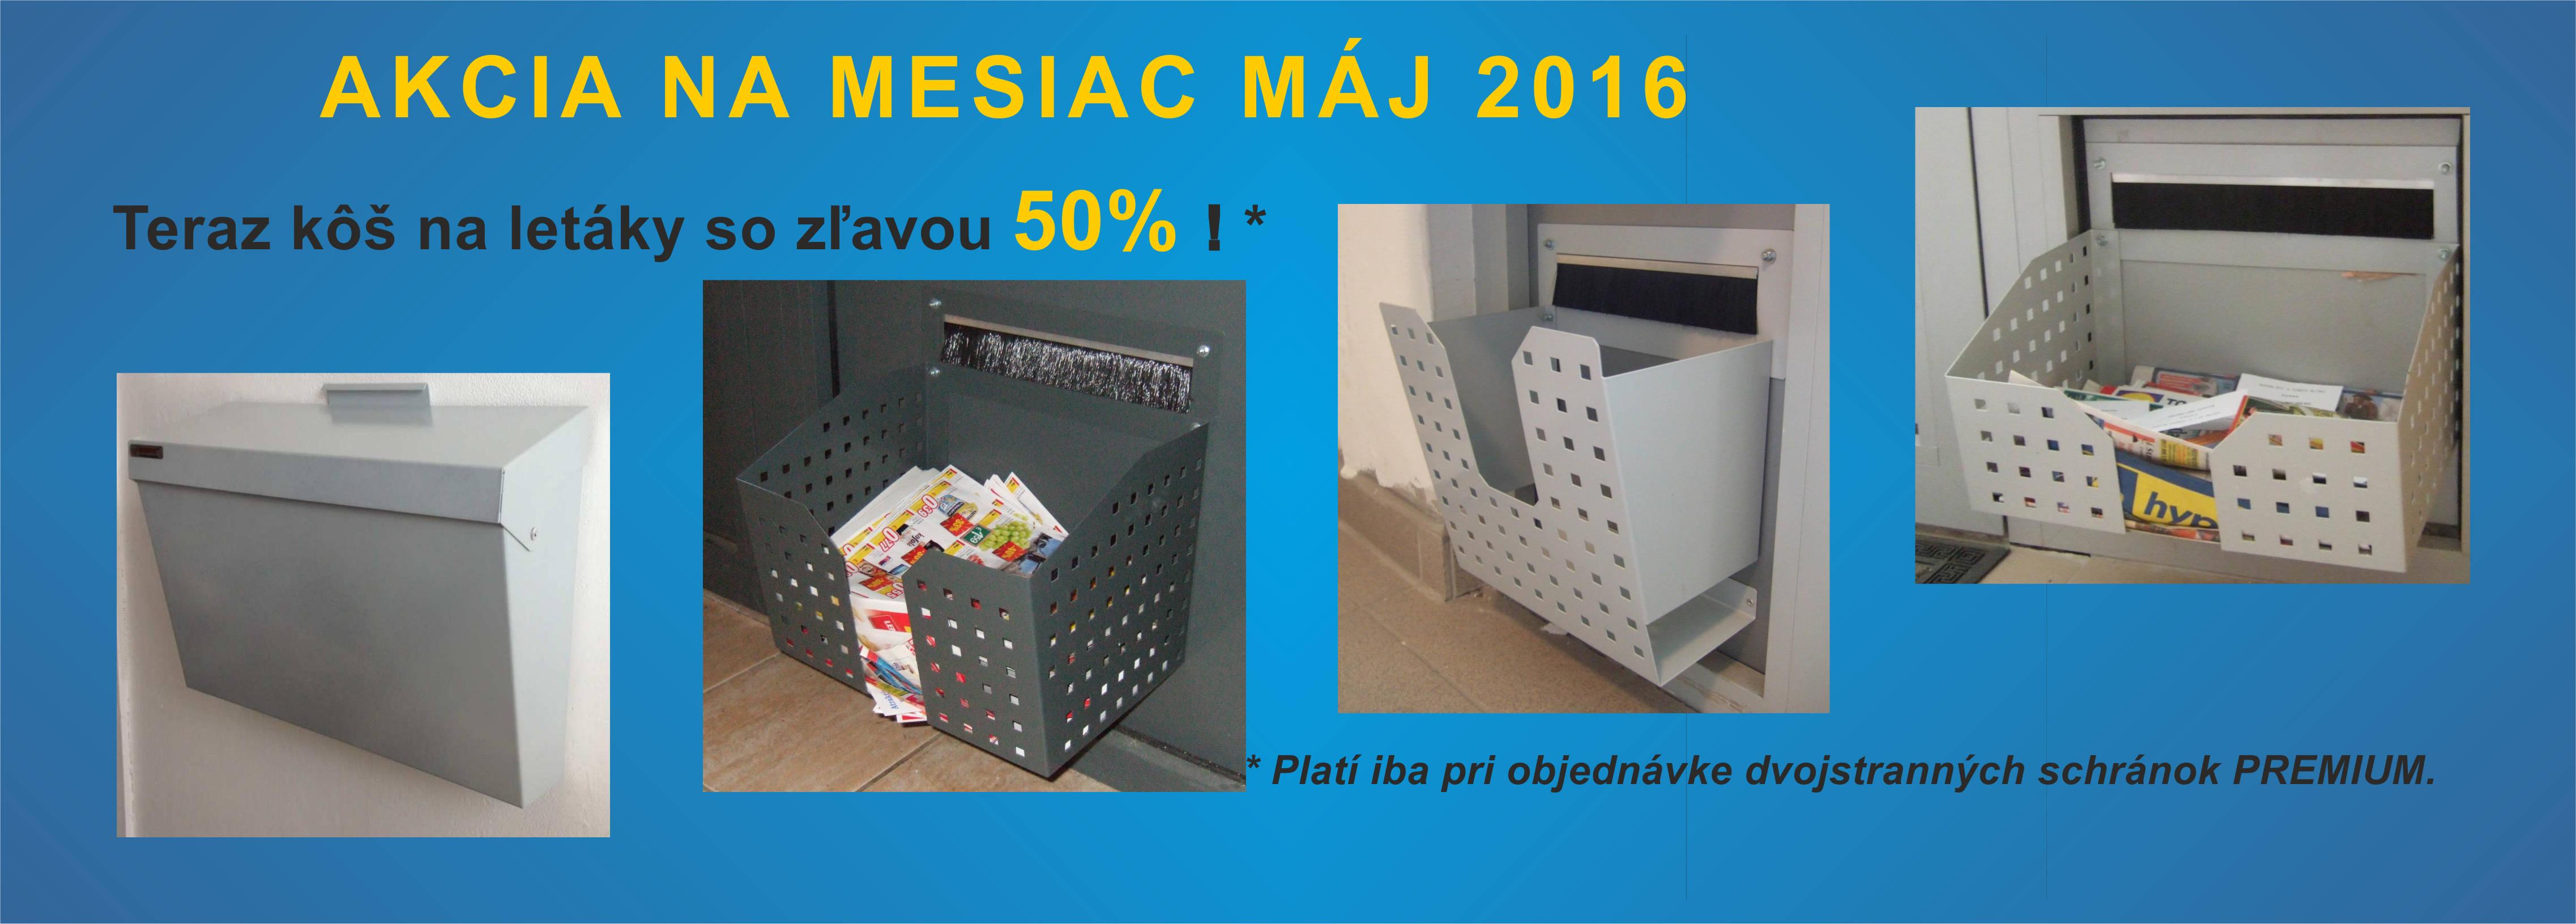 Akcia m�j 2016 - SU2